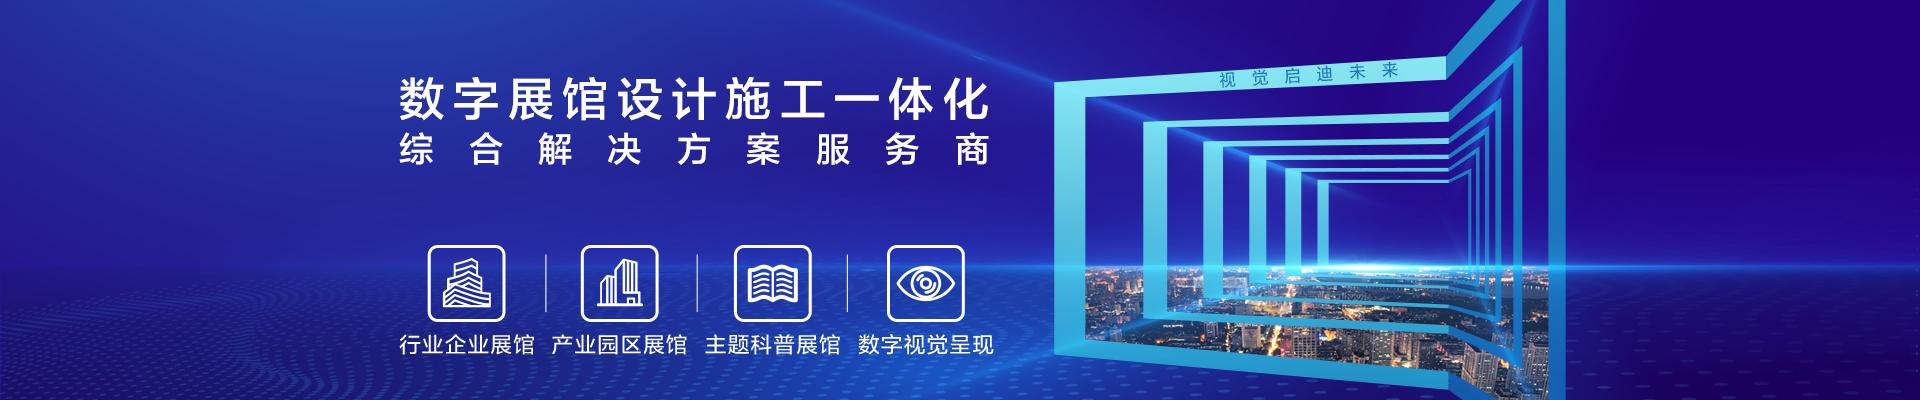 上海蘭韻文化科技有限公司公司介紹